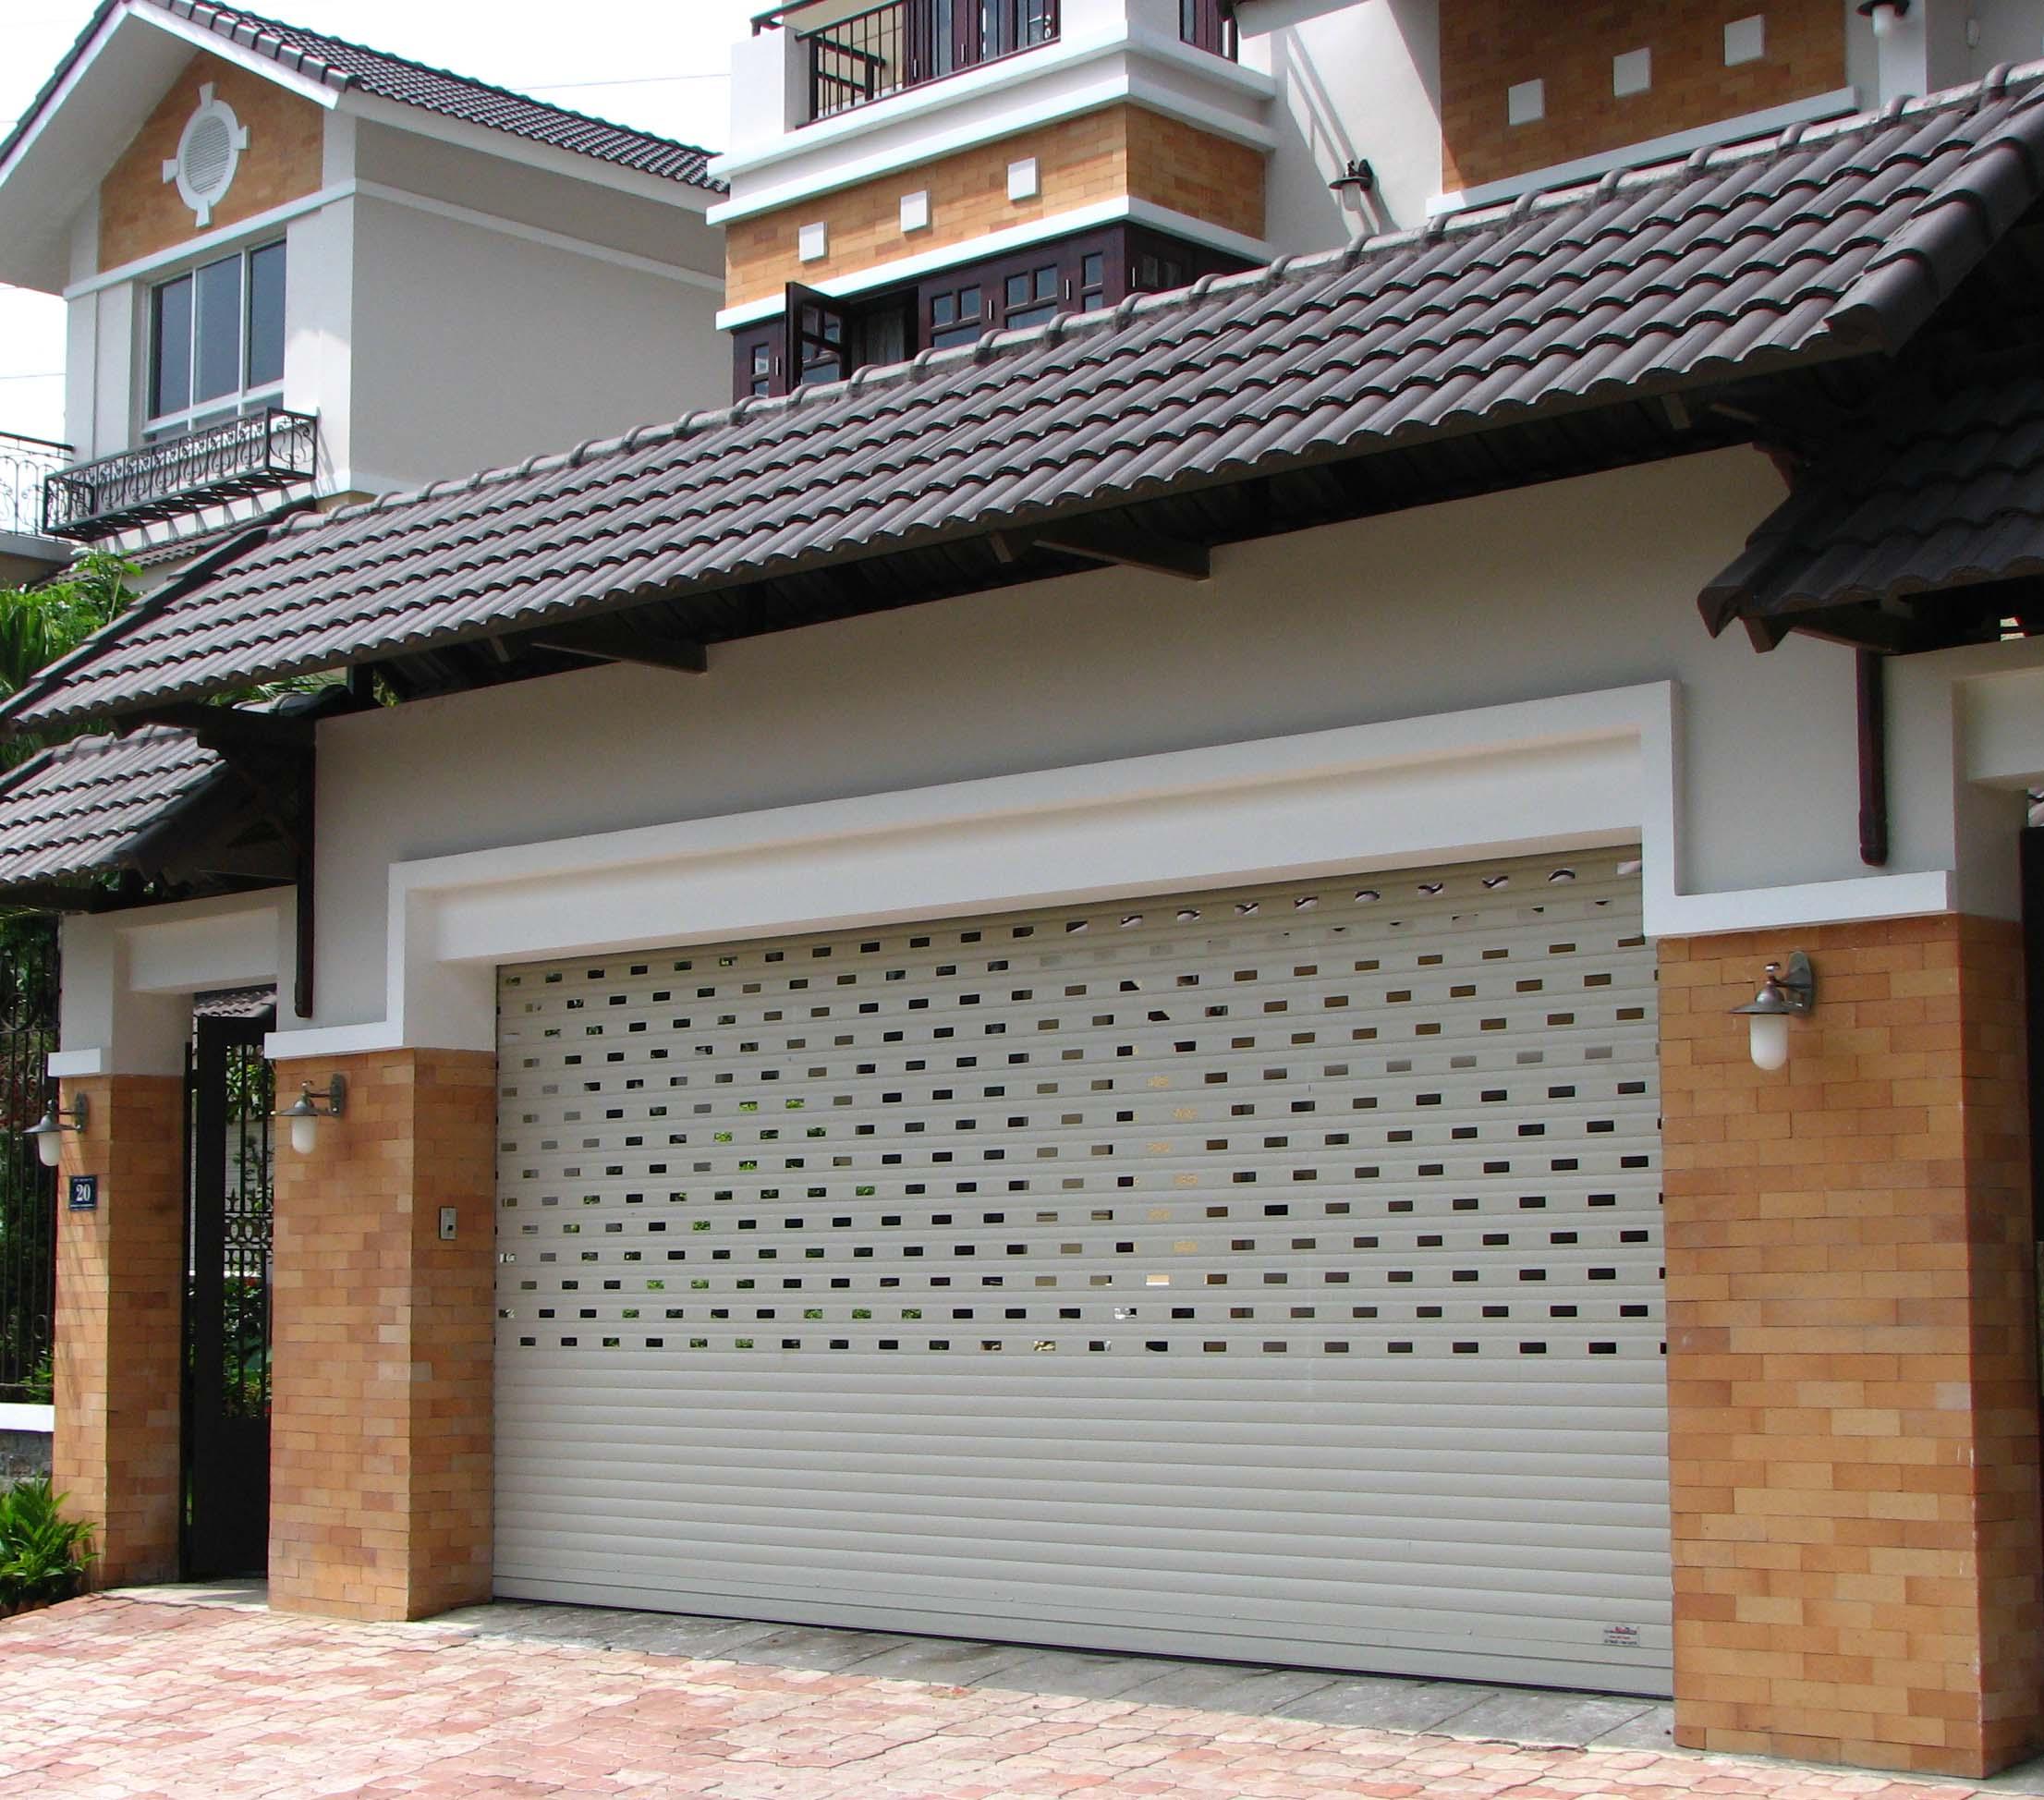 Thi công lắp đặt cửa cuốn giá rẻ tại Quận Nam Từ Liêm Hà Nội - Xây dựng  thiết kế sửa chữa nhà ở chung cư đô thị